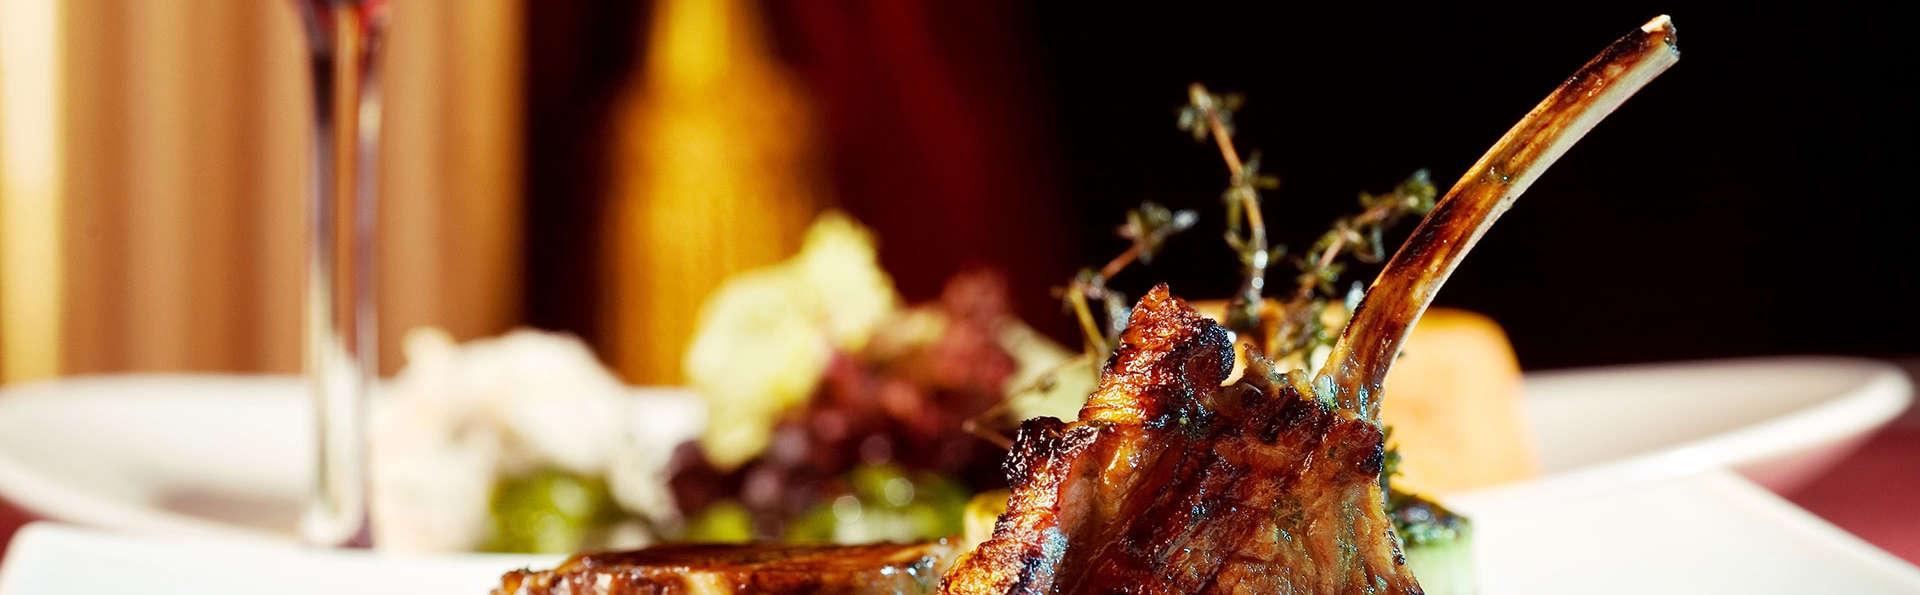 Bienestar y Gastronomía en este hotel con encanto en Mogarraz con Cena y Spa